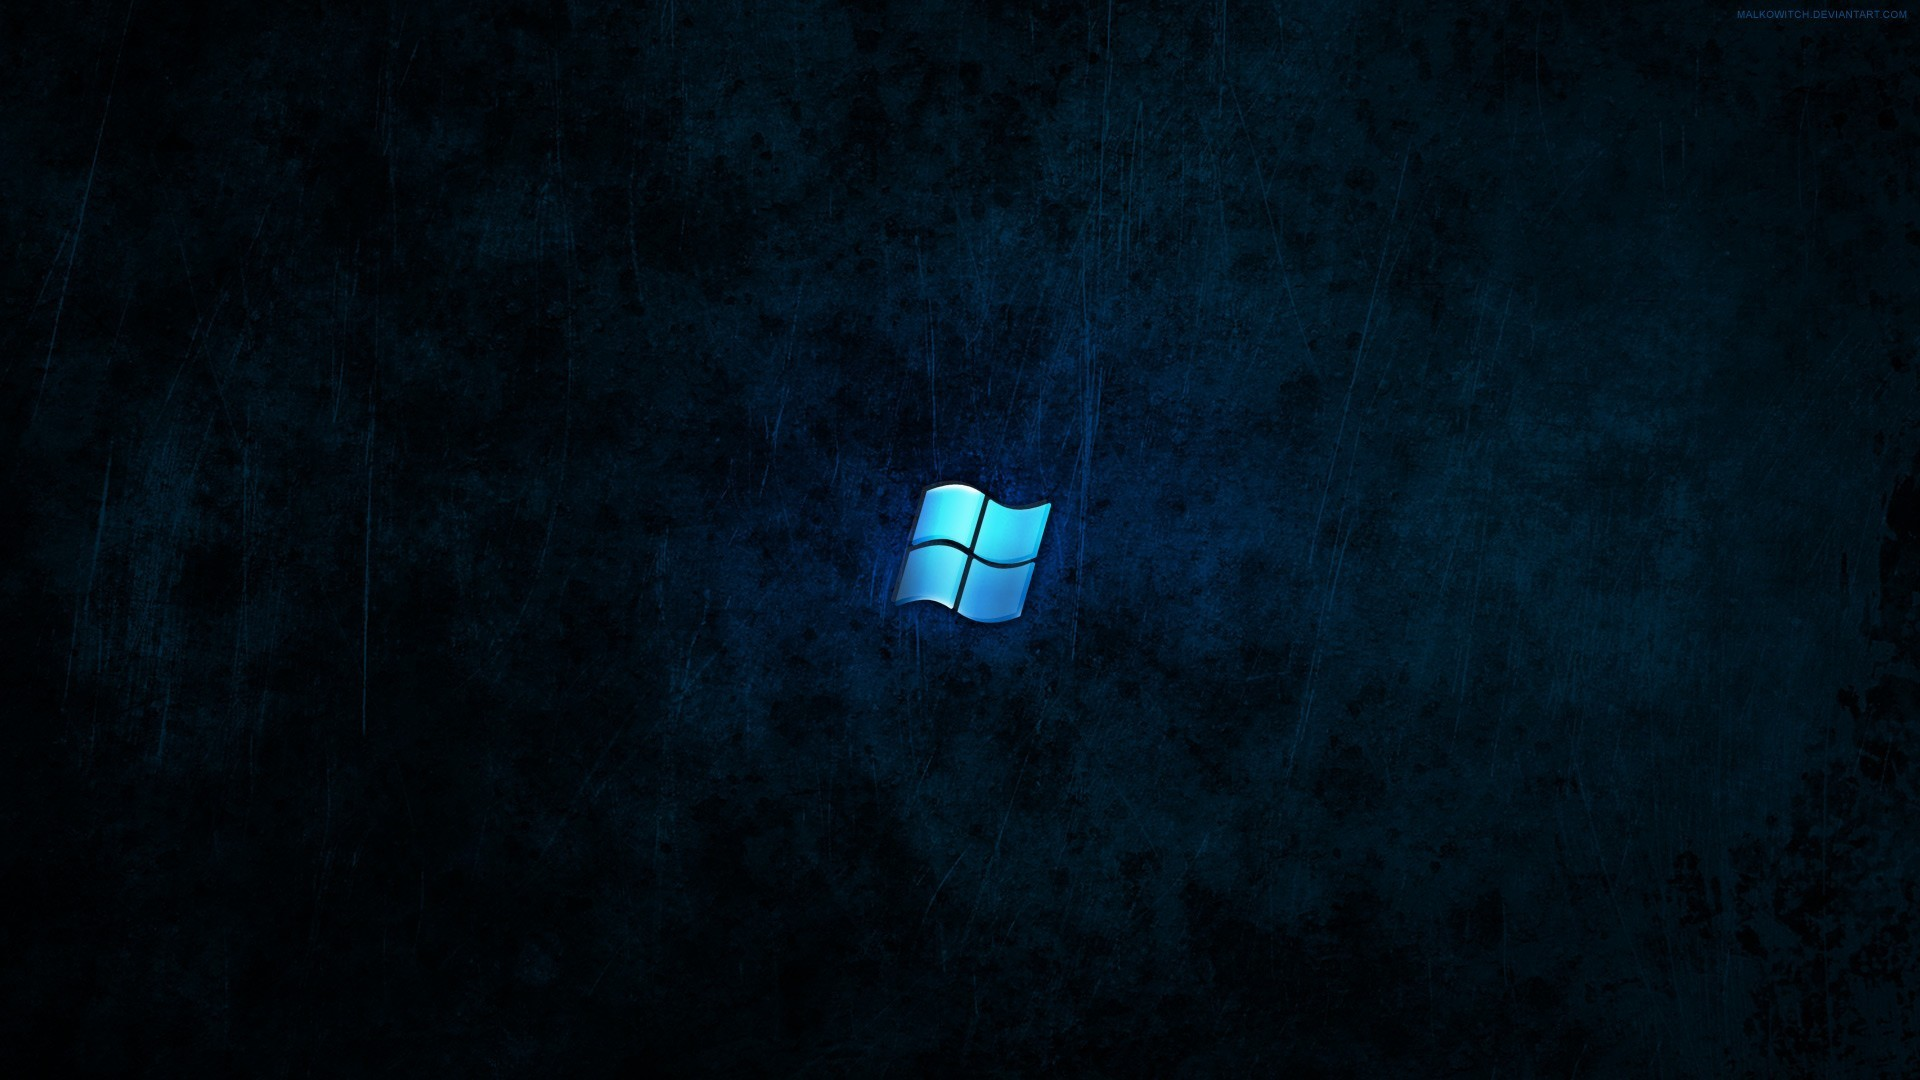 Windows 10 hintergrund 1920x1080